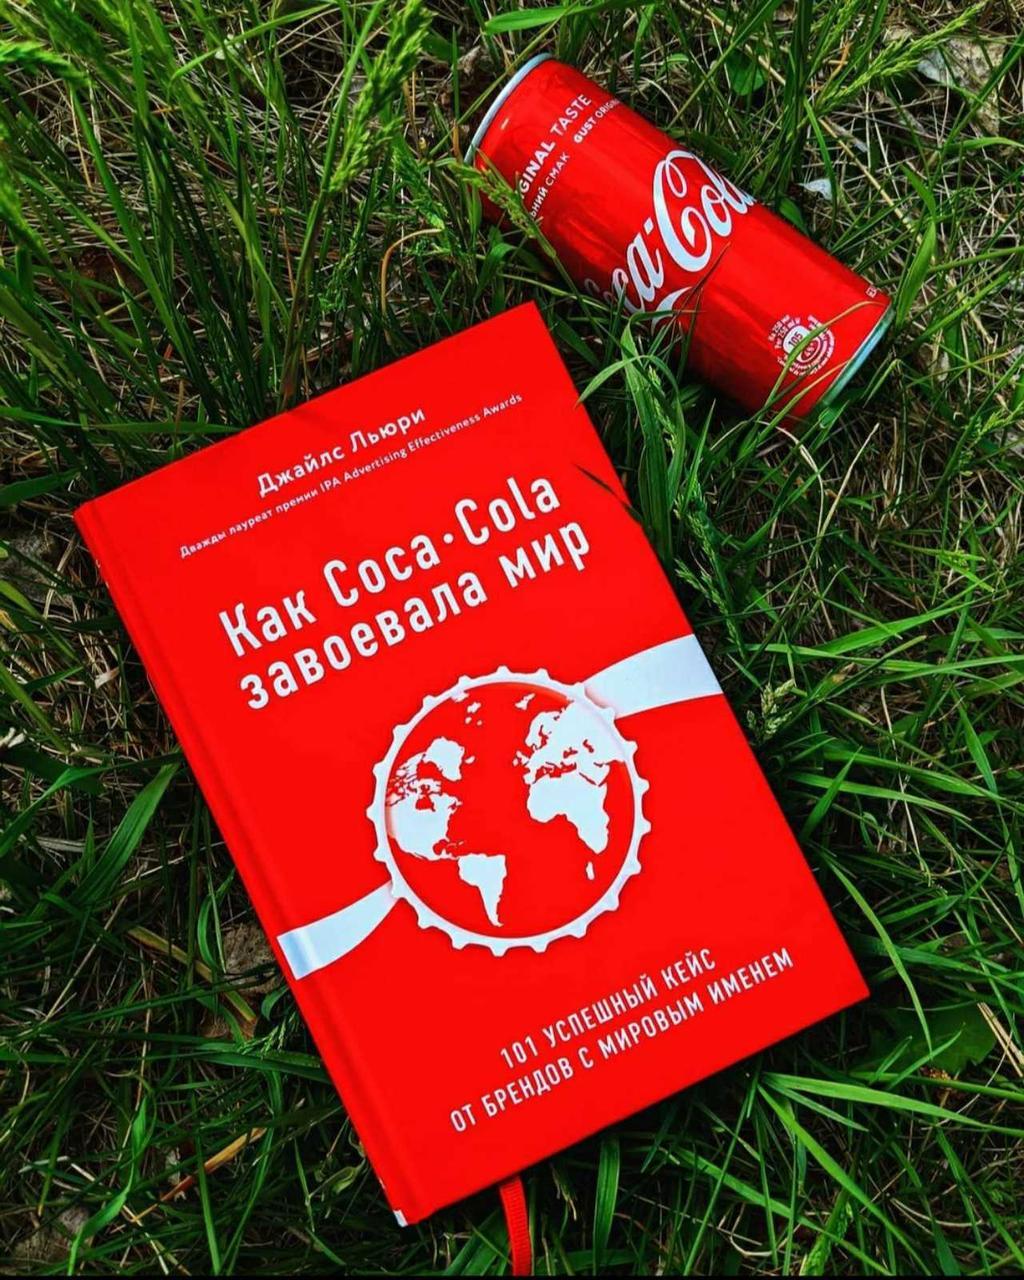 """Книга """"Как Coca-Cola завоевала мир. 100 успешных кейсов от брендов с мировым именем"""" Джайлс Льюри"""